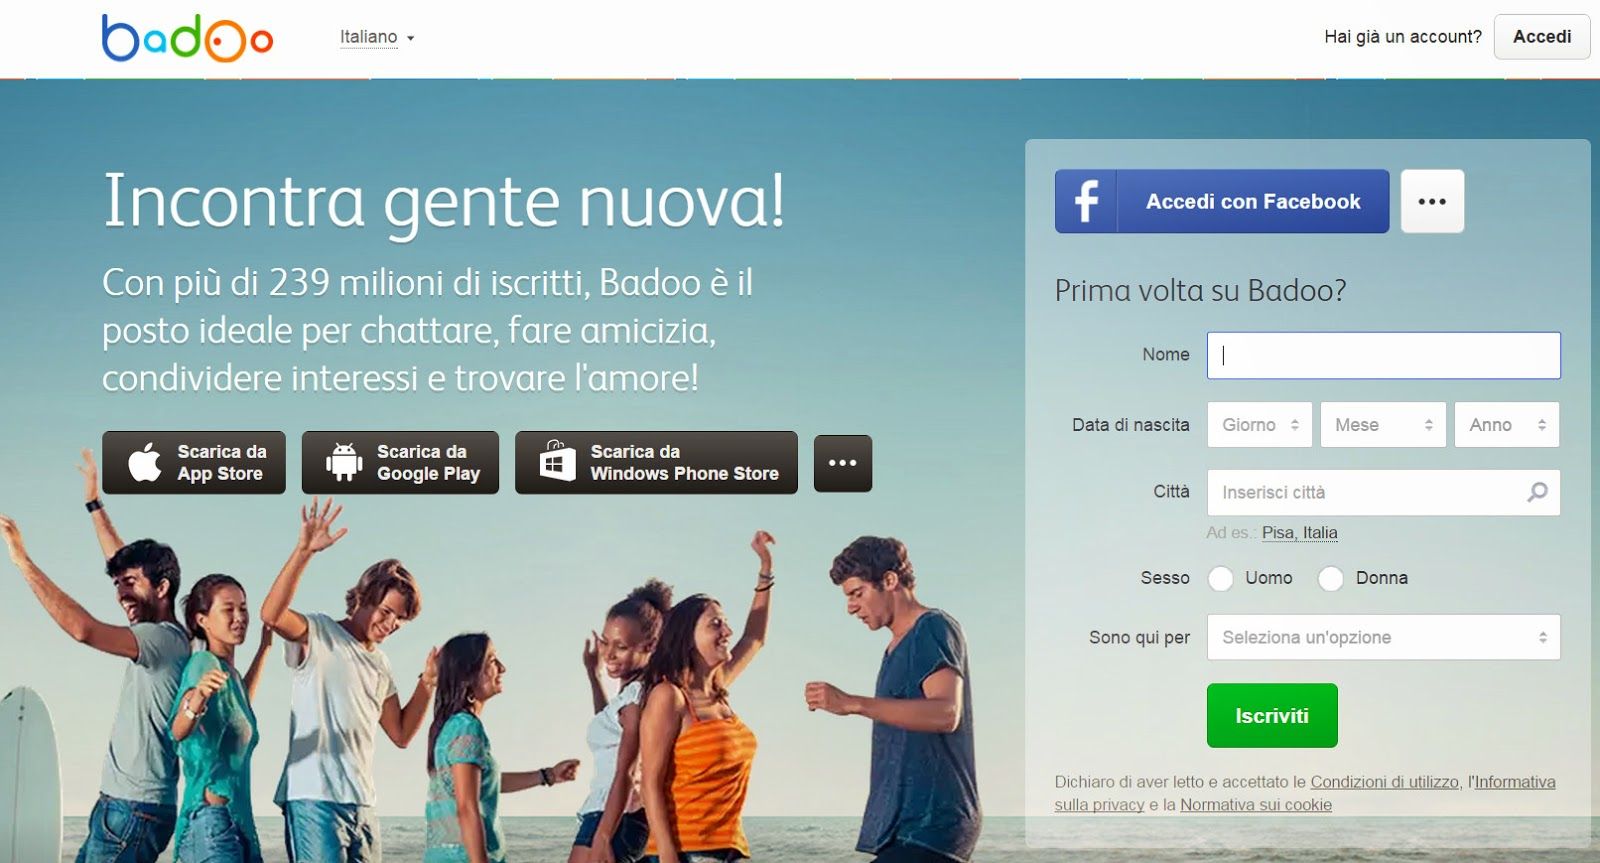 siti di incontri italia photos